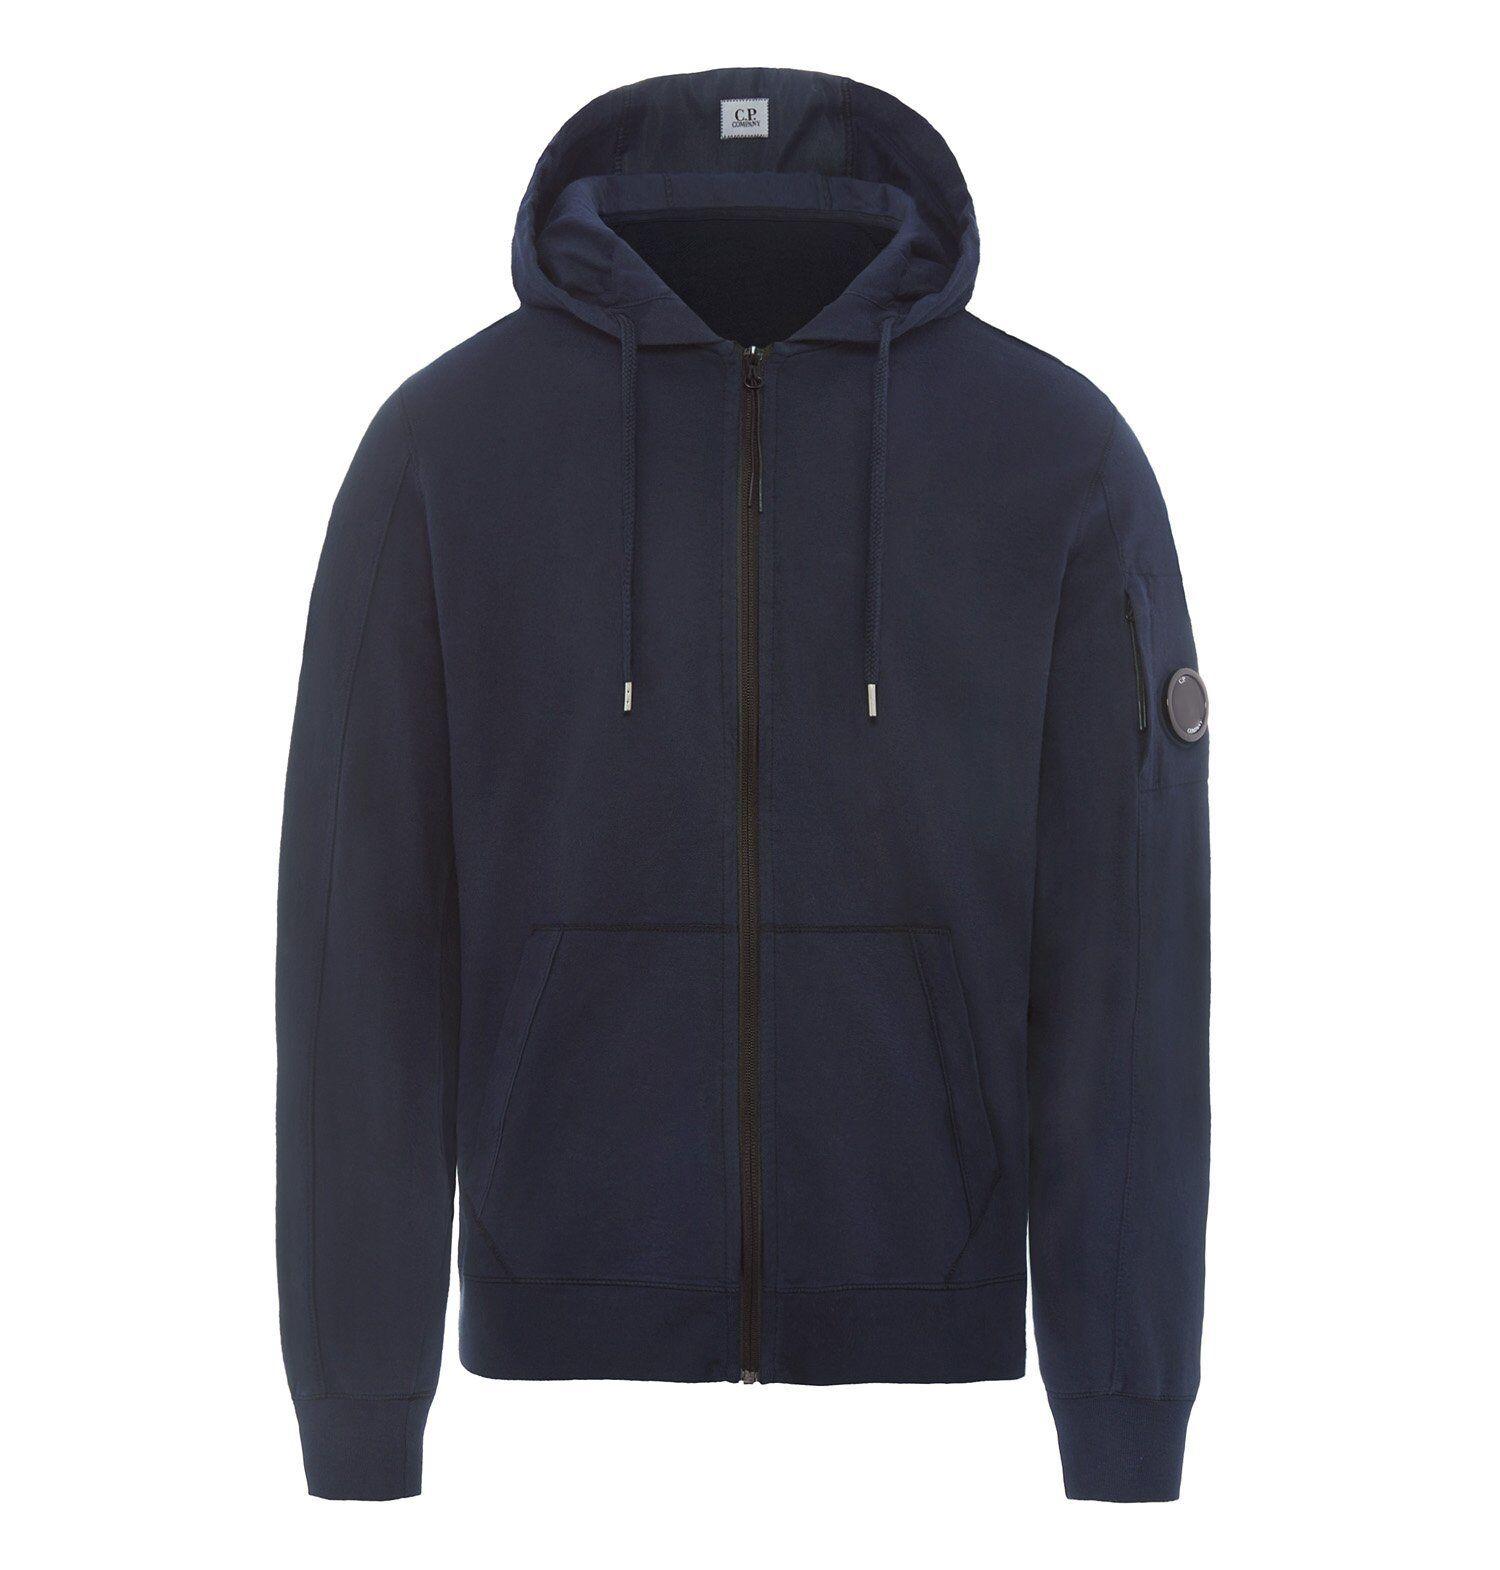 Männer Pullover CP Company 52A002246G Anzug Abzugshaube Reißverschluss Taschen